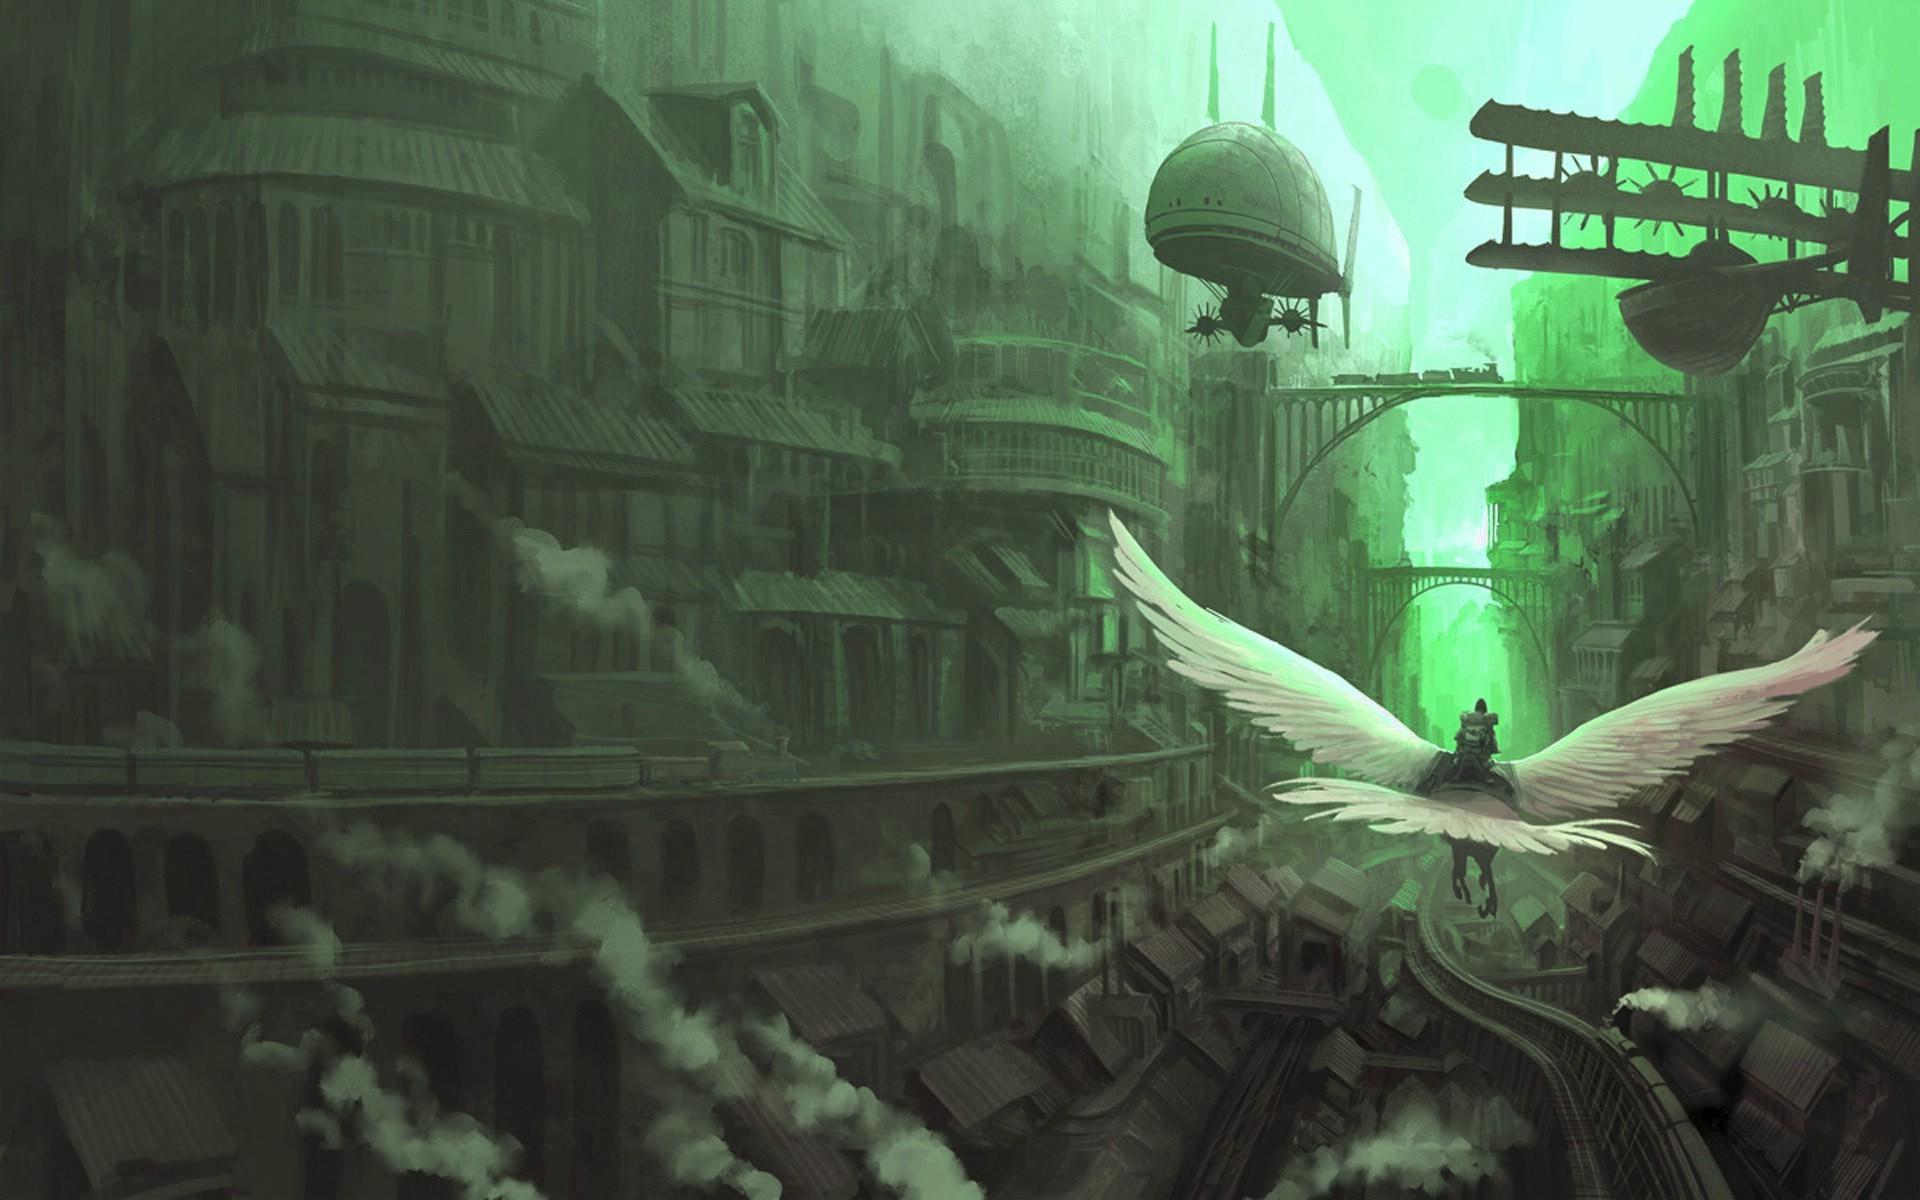 デスクトップ壁紙 ファンタジーアート シティ 緑 闇 スクリーンショット 19x10 Px コンピュータの壁紙 Pcゲーム 19x10 Wallpaperup デスクトップ壁紙 Wallhere